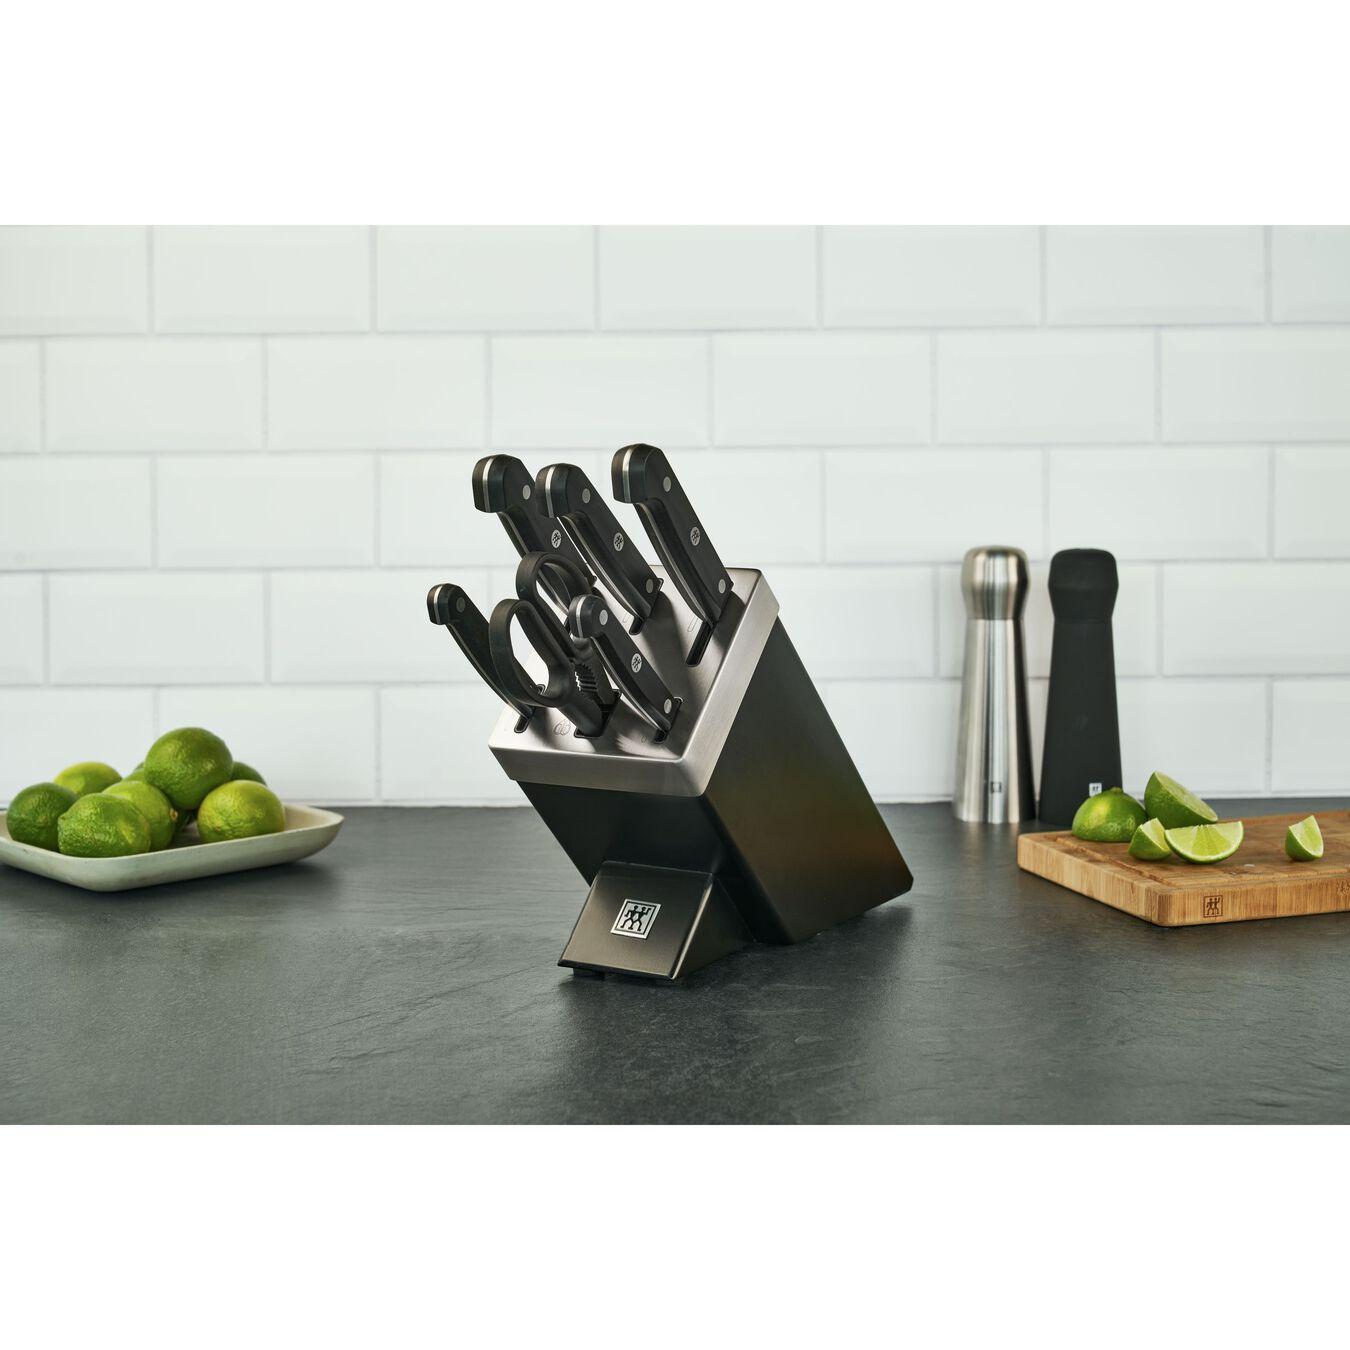 Set di coltelli con ceppo con sistema autoaffilante - 7-pz., nero,,large 3